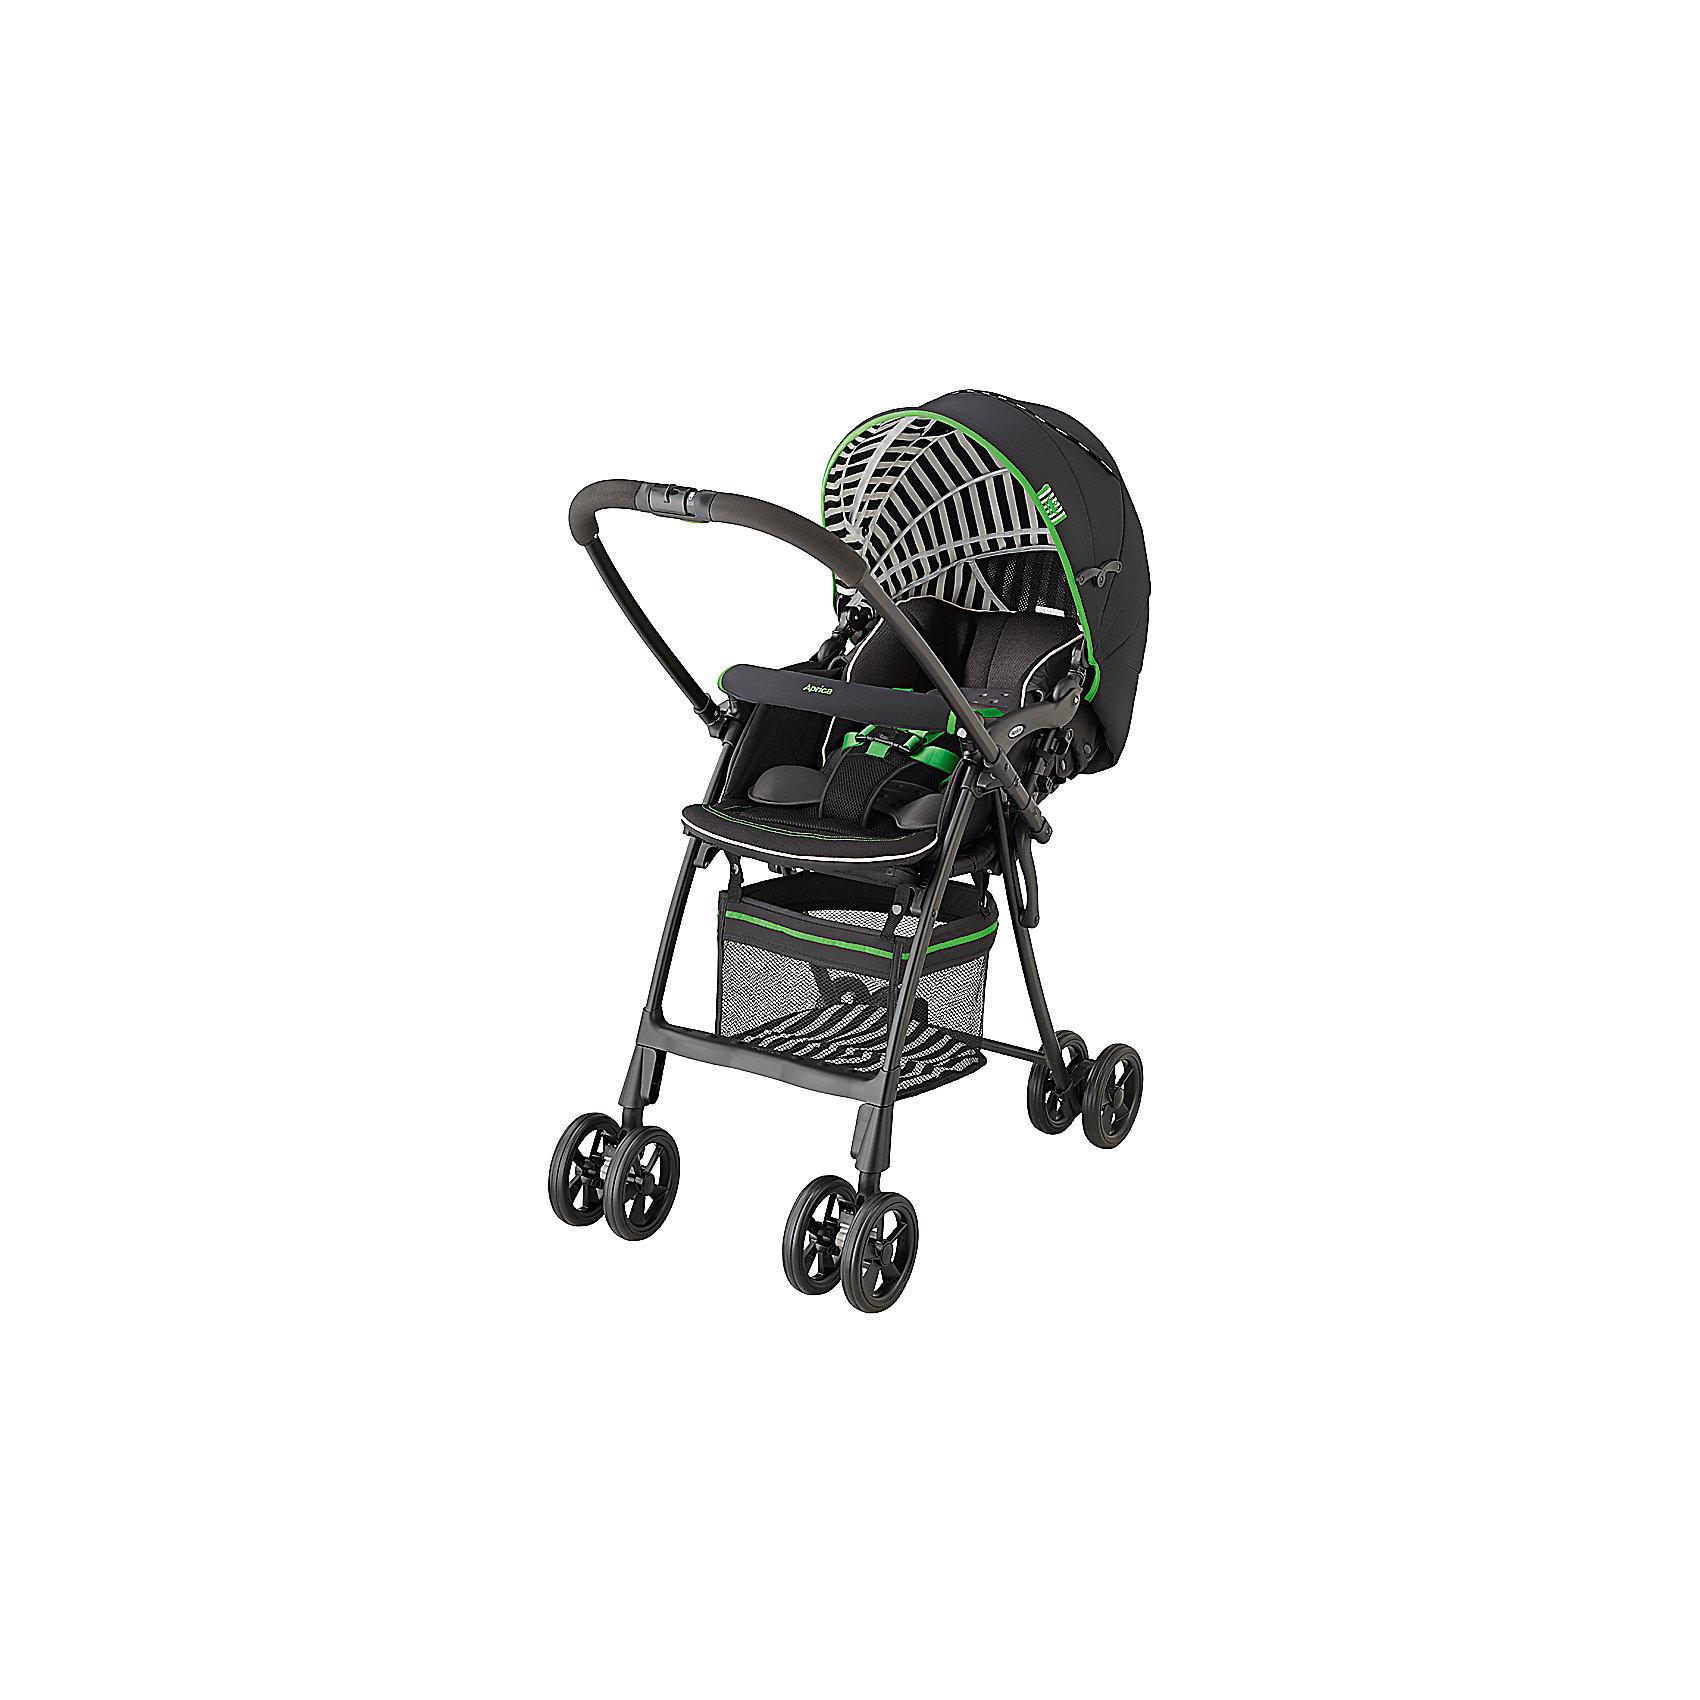 Прогулочная коляска Aprica FlyLe netro stripe, черныйПрогулочные коляски<br>Очень легкая коляска с перекидной ручкой и капюшоном, раскладывающимся до бампера. Невероятно легкая и компактная, вес коляски всего 5 кг. Коляска складывается одной рукой, стоит в сложенном виде, очень компактна в сложенном виде. Коляска предназначена для использования с рождения. Имеется анатомический вкладыш для младенца, защищает и поддерживает в правильном положении головку и тело новорожденного. Мягкое зефирное сидение с системой анти-шок - защита от тряски при езде.<br>В коляске Flyle используется уникальный запатентованный материал Breath air, с исключительной способностью поглощения вибрации и паропроницаемостью.<br>НОВОЕ: Матрасик-вкладыш с BreathAir легко снимать, легко стирать! (машинная стирка при 30 градусах).<br>Большой капюшон с вентилируемыми вставками, можно трансформировать в тент от солнца. Капюшон отражает УФ лучи.<br>На обратной стороне сидения имеется специальный отражатель, оберегающий от солнечных и тепловых излучений дорожного покрытия, предотвращая перегрев малыша. Такая система терморегуляции позволяет поддерживать оптимальную температуру тела ребенка при любой погоде.<br>Пятиточечные ремни безопасности регулируются по высоте в зависимости от роста ребенка, легко трансформируются в трехточечные.<br><br>Дополнительная информация:<br><br>Телескопическая регулируемая подножка.<br>2 пары поворотных колес с возможностью фиксации.<br>Специальная система амортизации колес.<br>Специальная система крепления колес, колеса легко преодолевают любые препятствия. <br>Тормоз на каждом заднем колесе.<br>Комплектация: Прогулочный блок, Рама, 5-точечные внутренние ремни<br>Высокое сиденье 53 см от земли.<br>Вес ребенка до 15 кг<br>Тип складывания: книжка<br>Регулировка спинки: есть, в диапазоне: 120-170°<br>Горизонтальное положение спинки: нет<br>Перекидная ручка: есть<br>Внутренние ремни: 5 точечные<br>Съемные анатомические подушки: есть<br>Корзина для вещей: есть<br>Материал напо